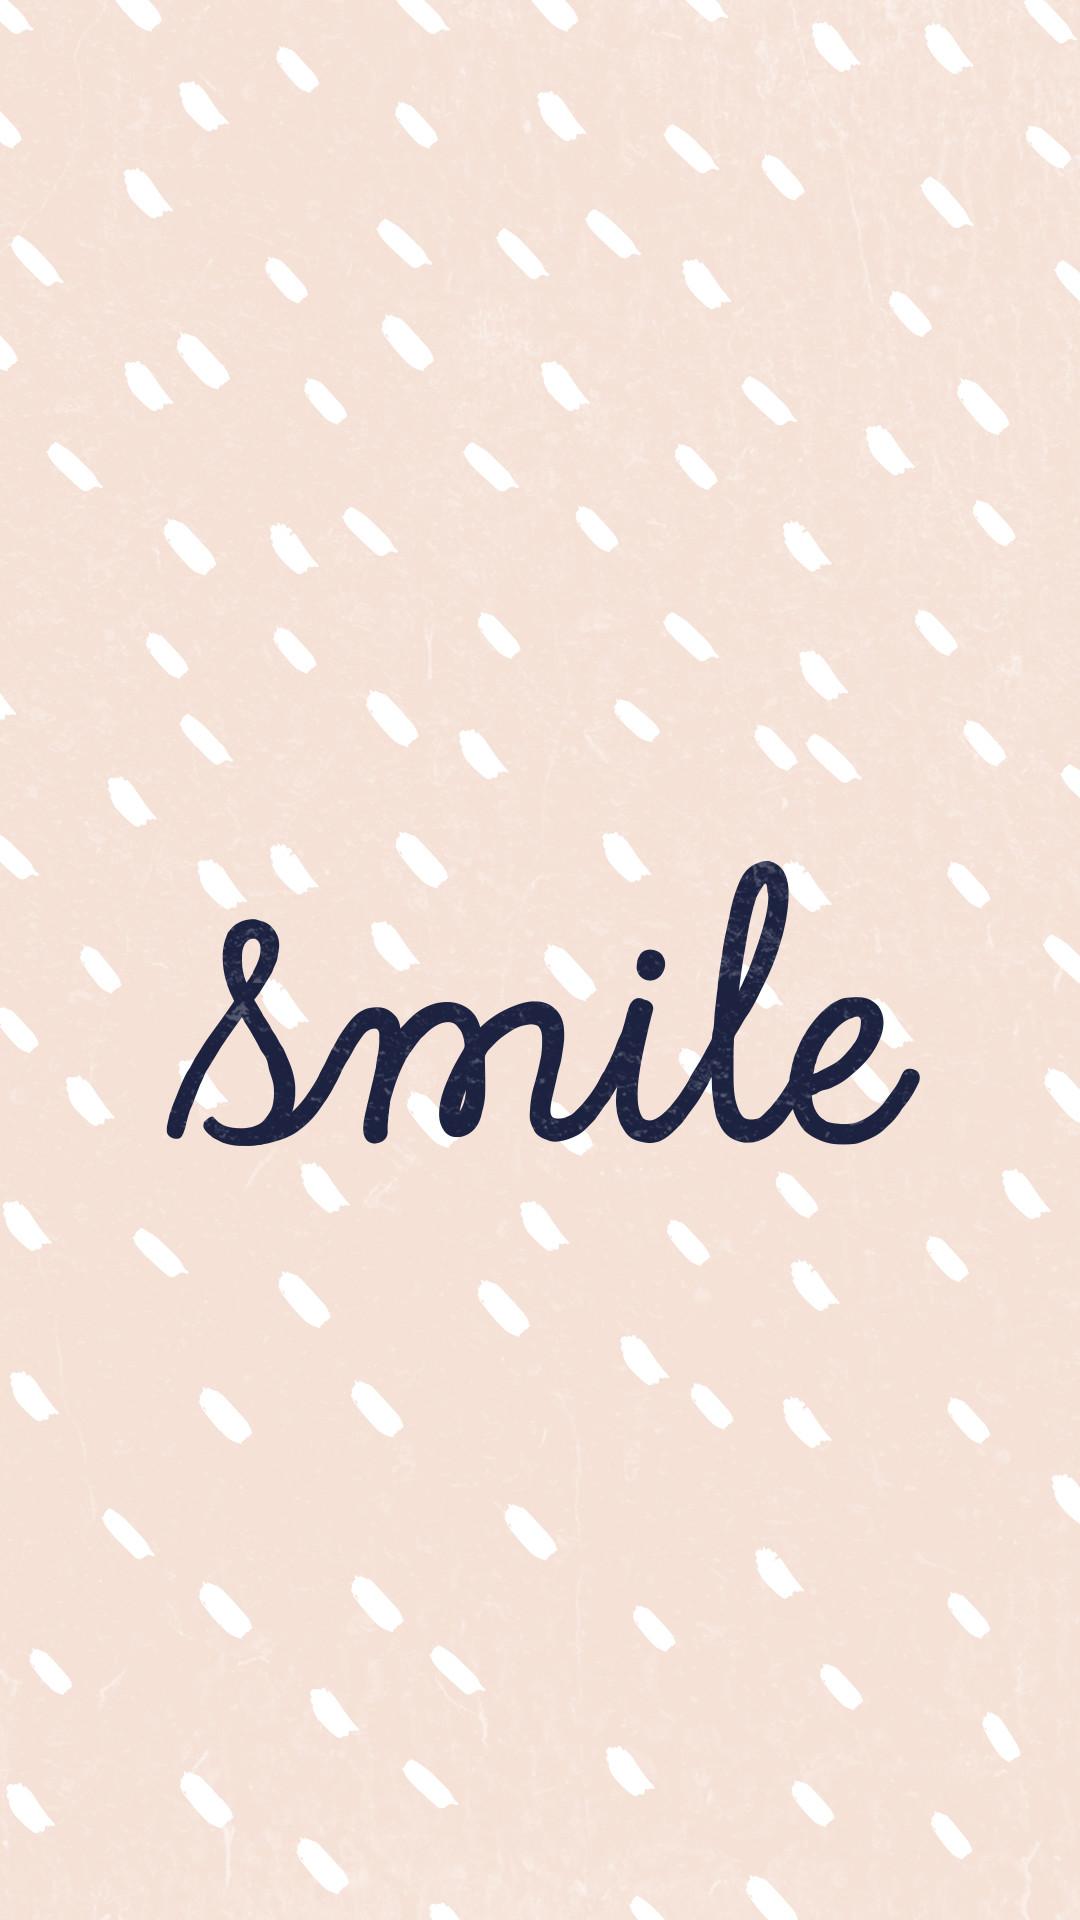 Smile like a girl ;